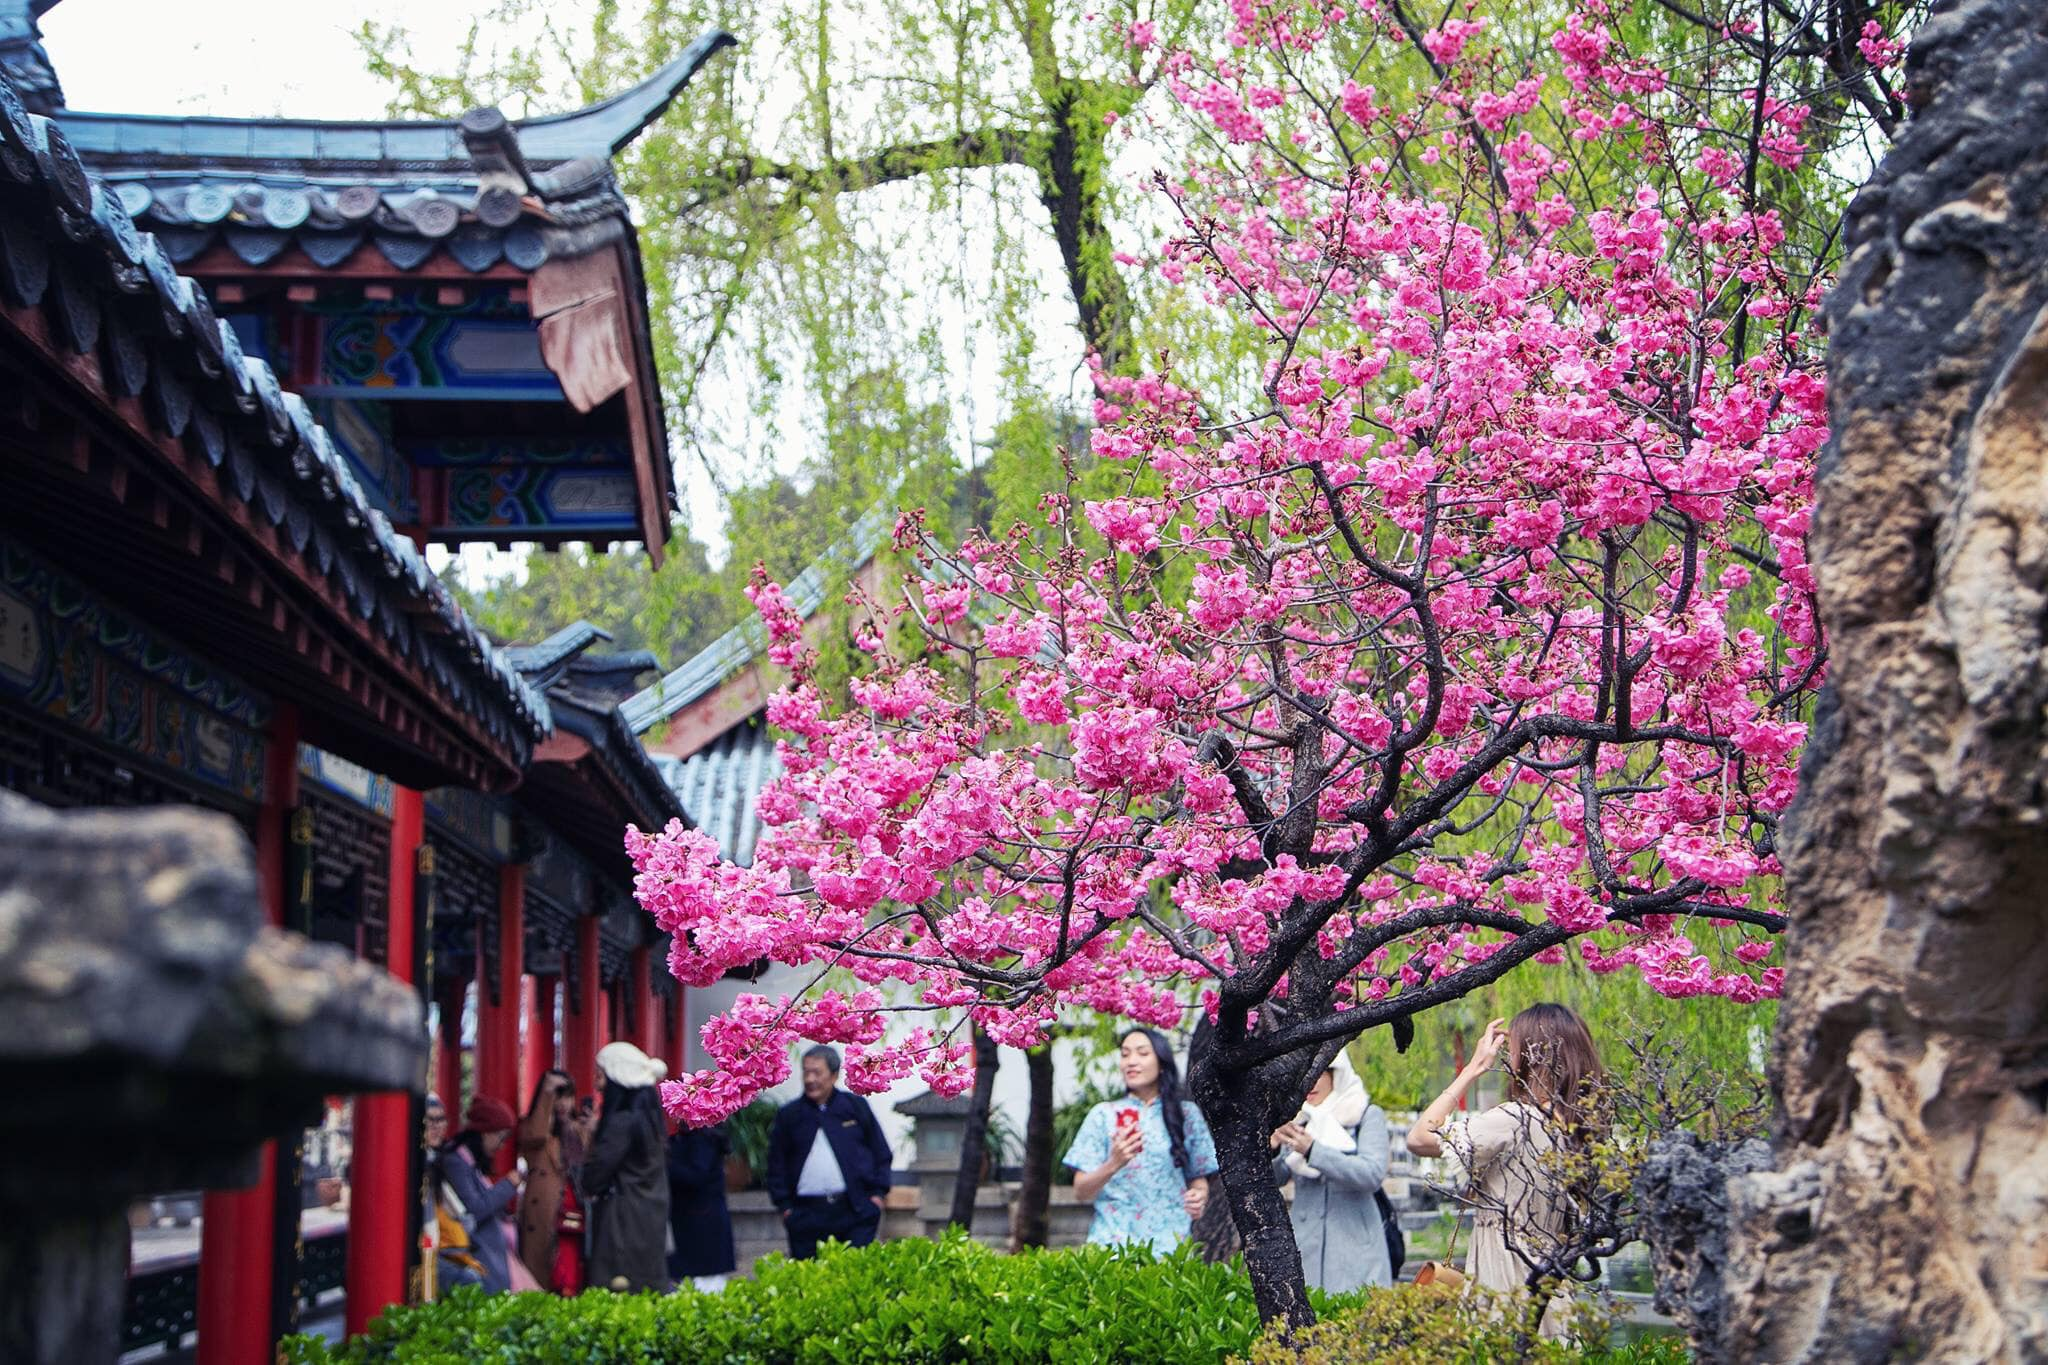 Bộ ảnh cực đẹp du lịch Lệ Giang – Côn Minh – Shangrila tháng 3 siêu đẹp